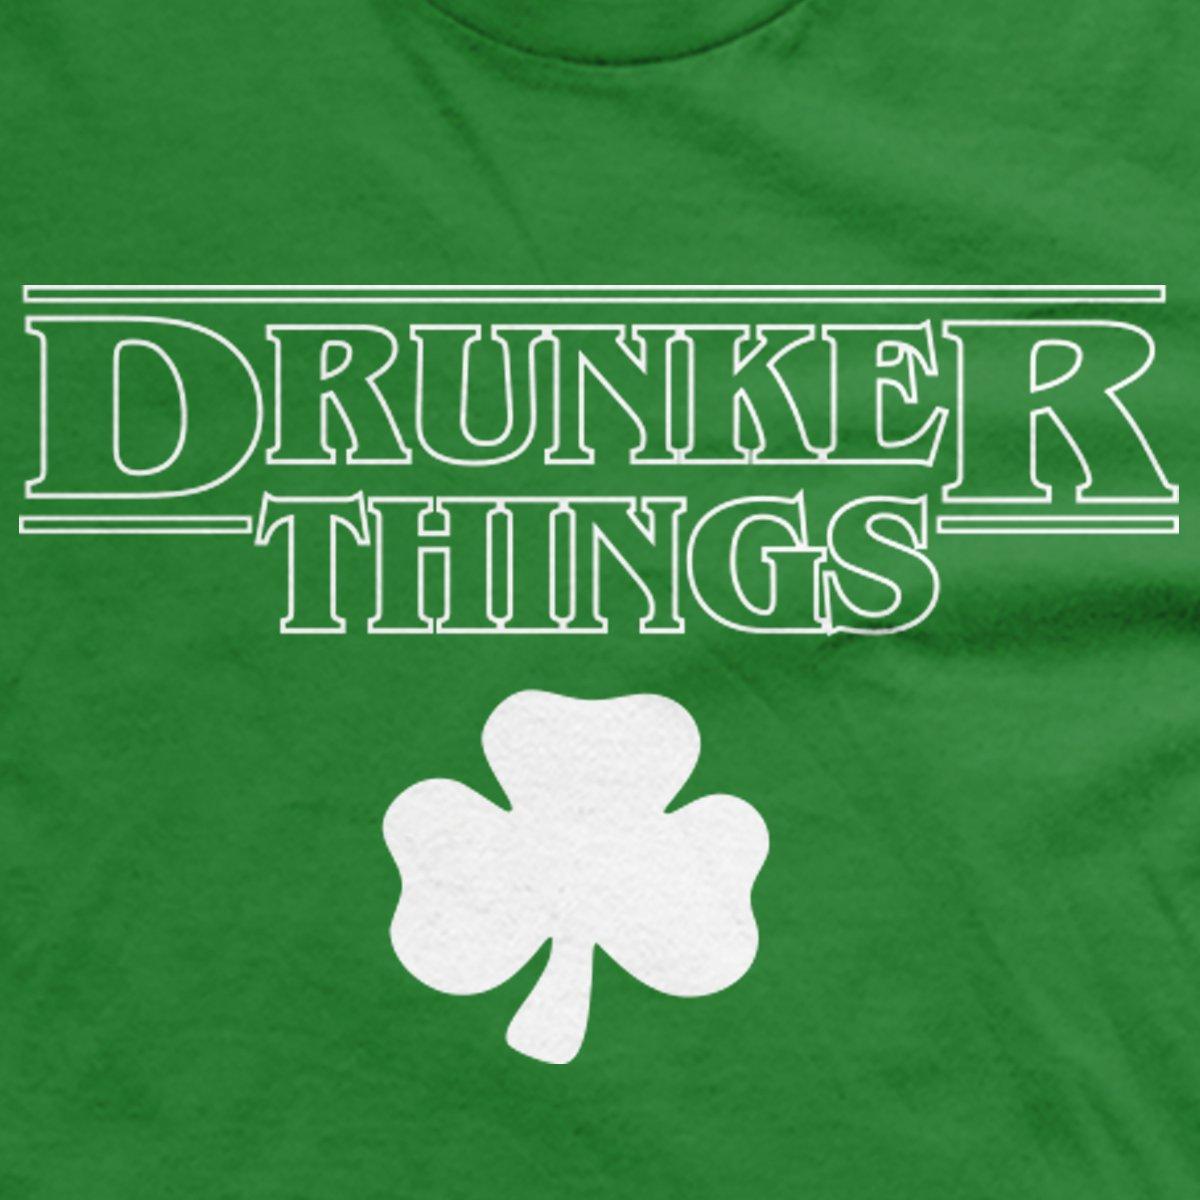 Drunker Things Irish T-Shirt